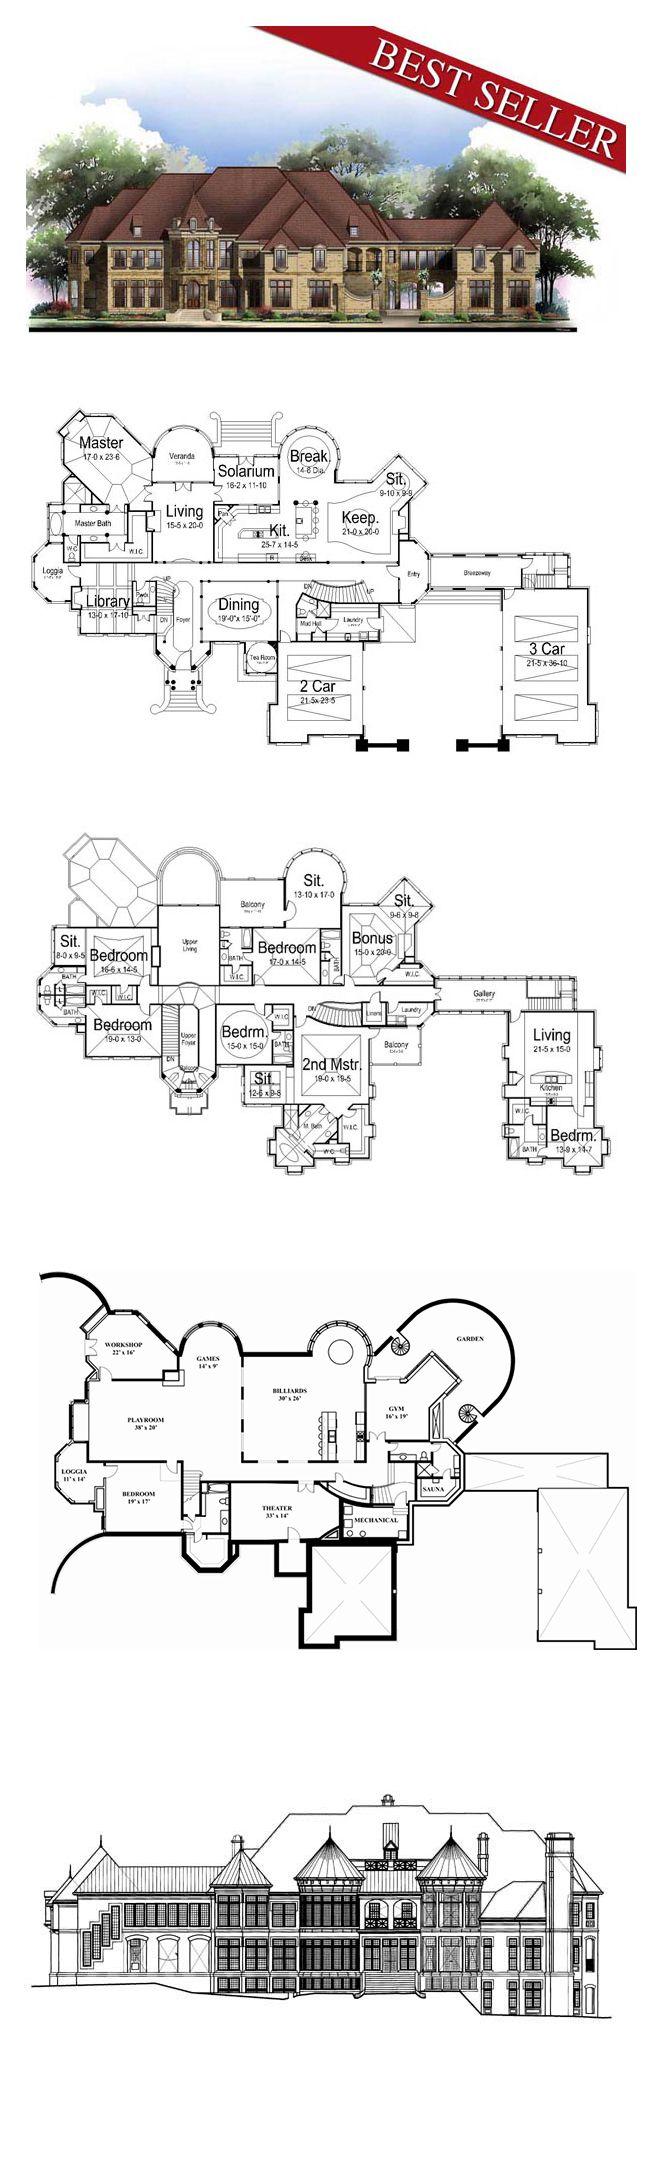 Best 25 basement floor plans ideas on pinterest for Half basement house plans